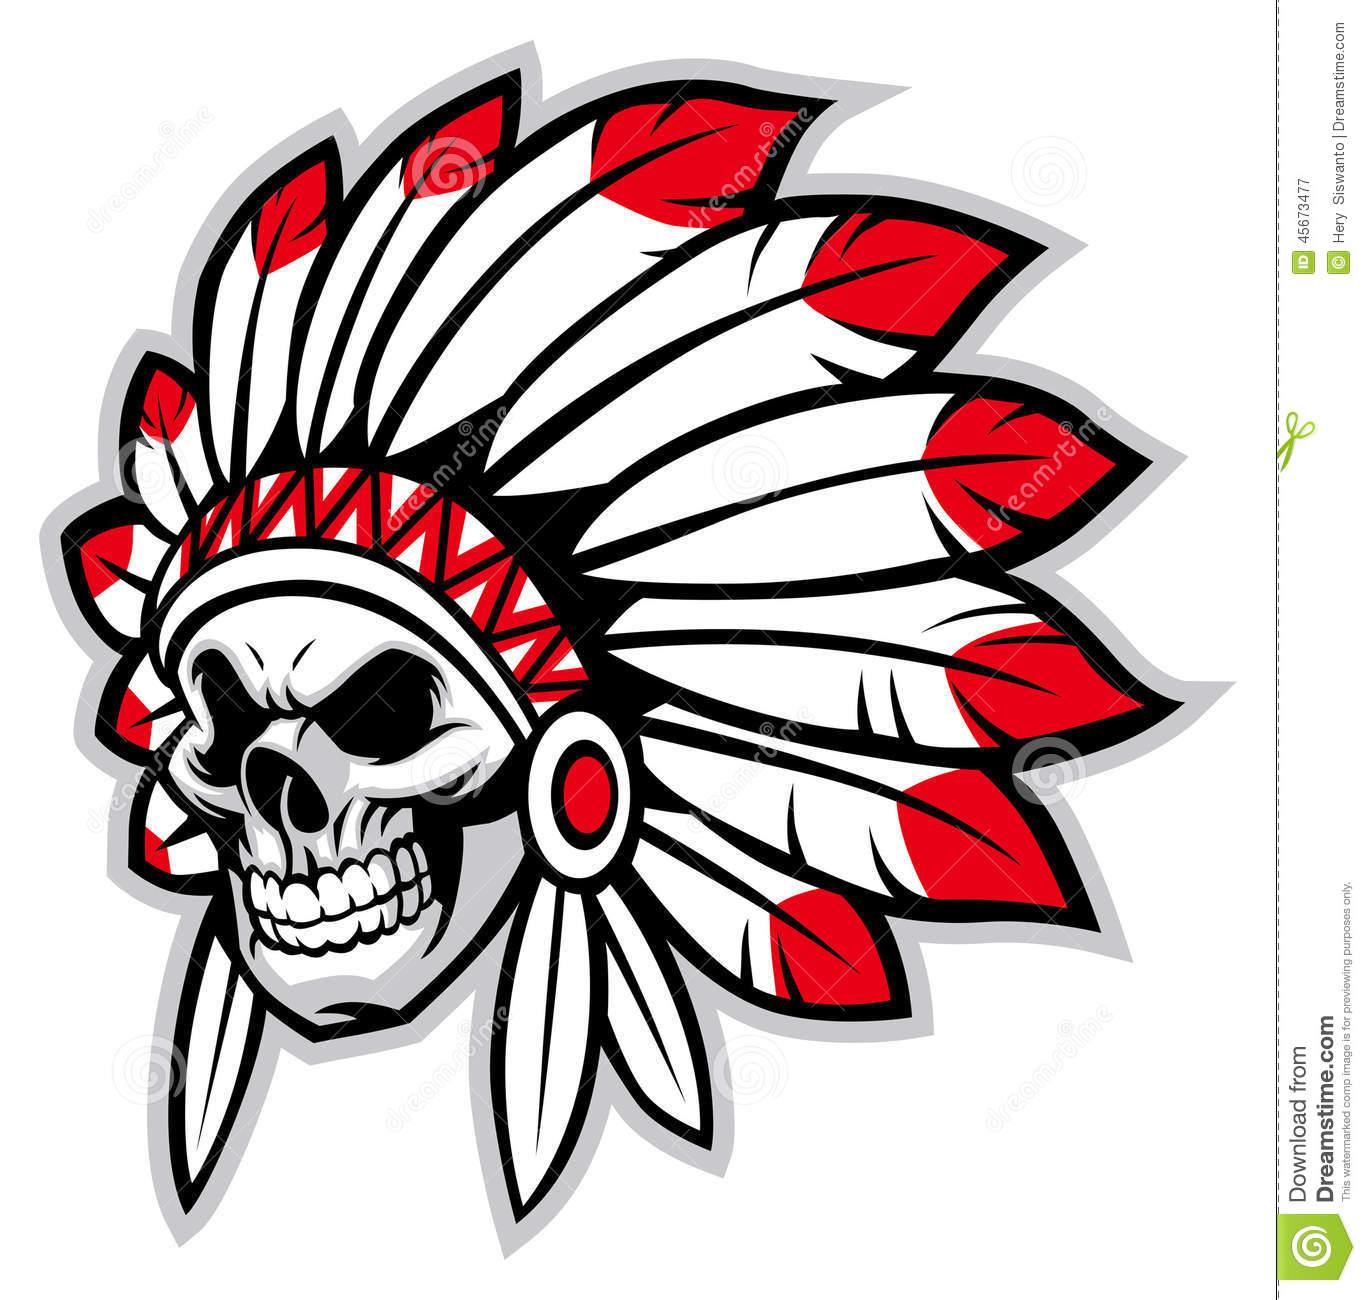 1366x1300 Clip Art Indian Head Clip Art